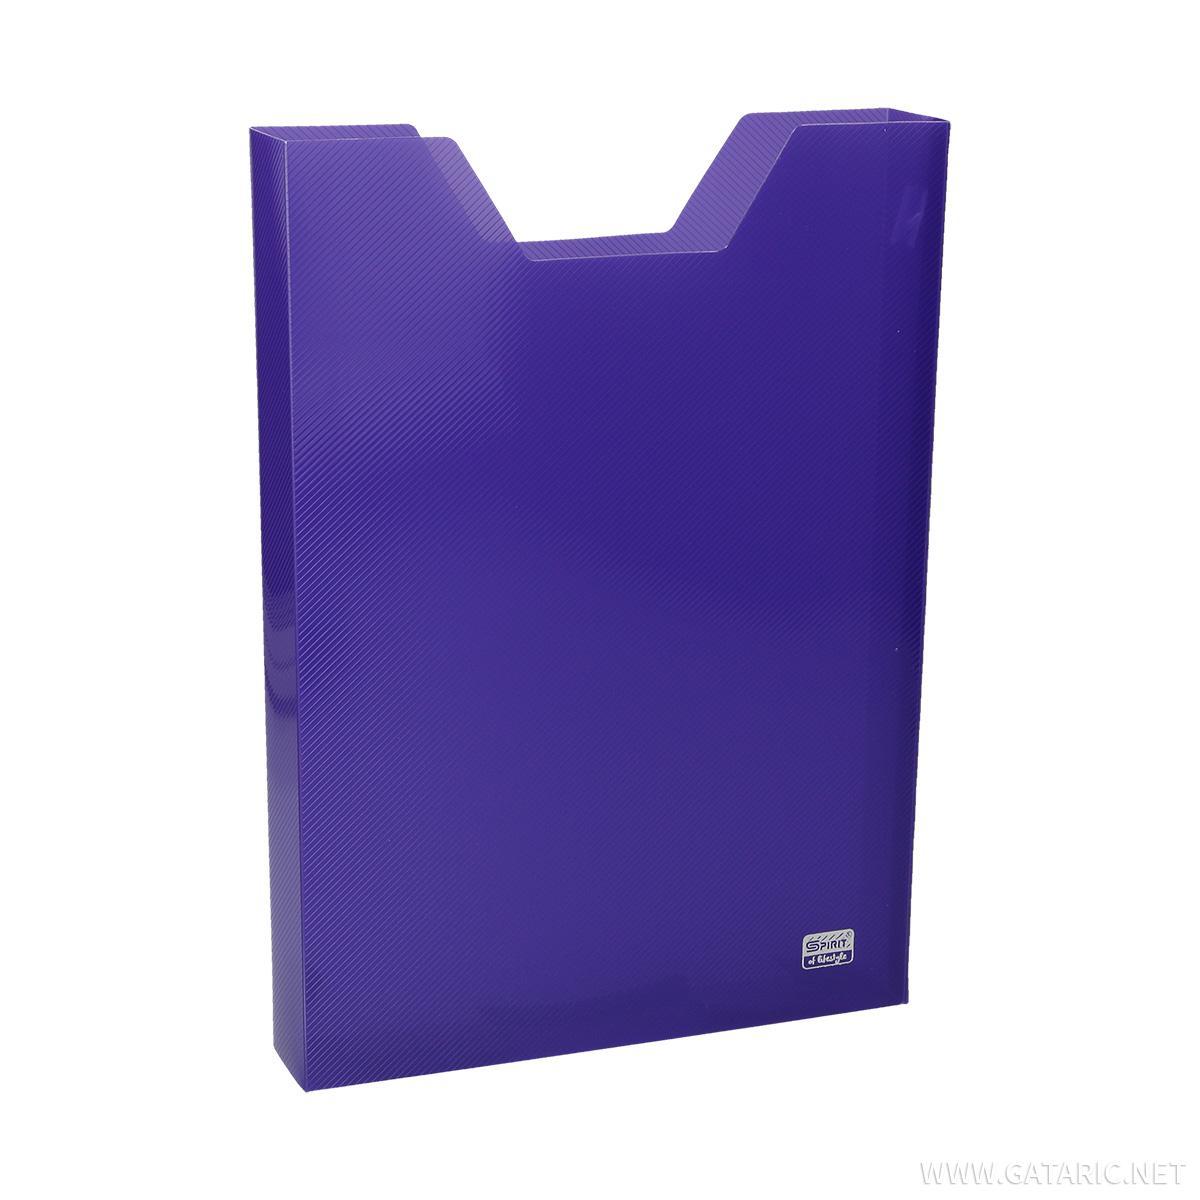 Dokument kutija za školu